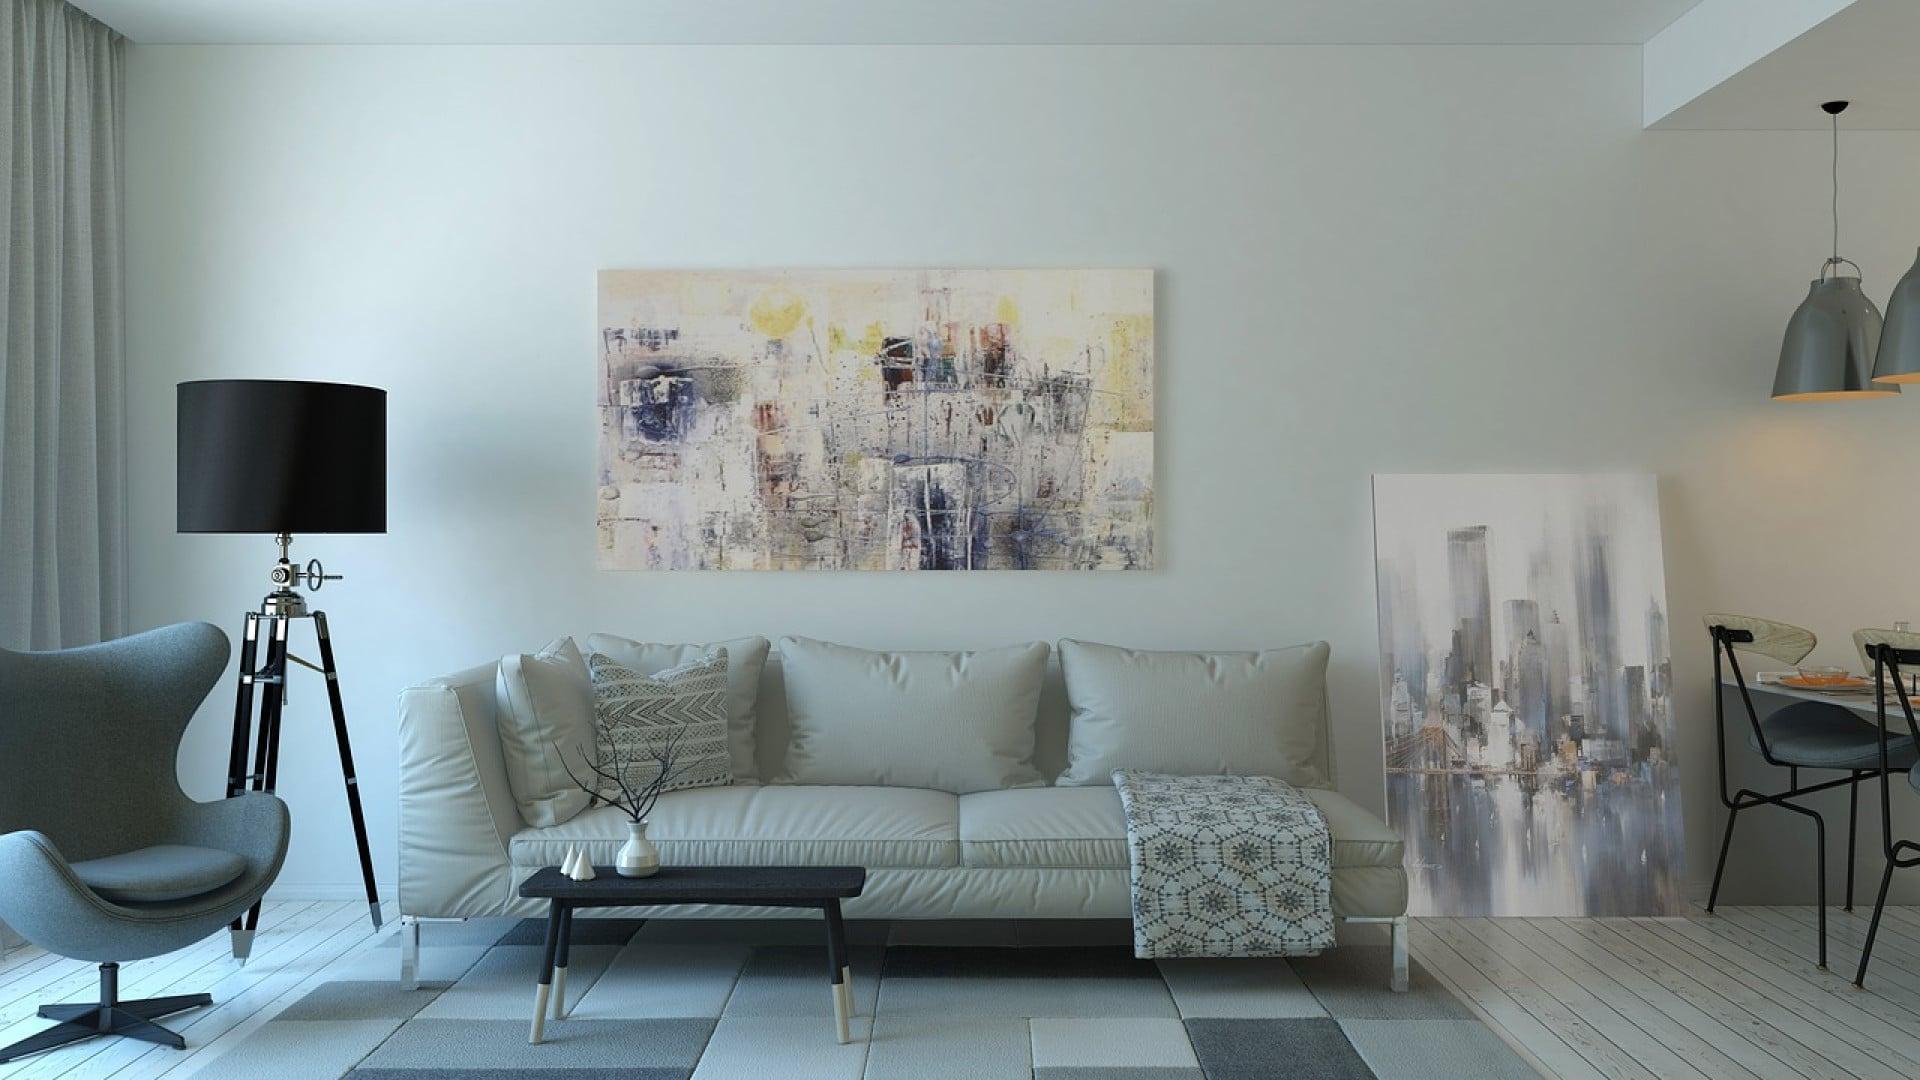 Comment choisir votre mobilier pour votre décoration d'intérieur ?